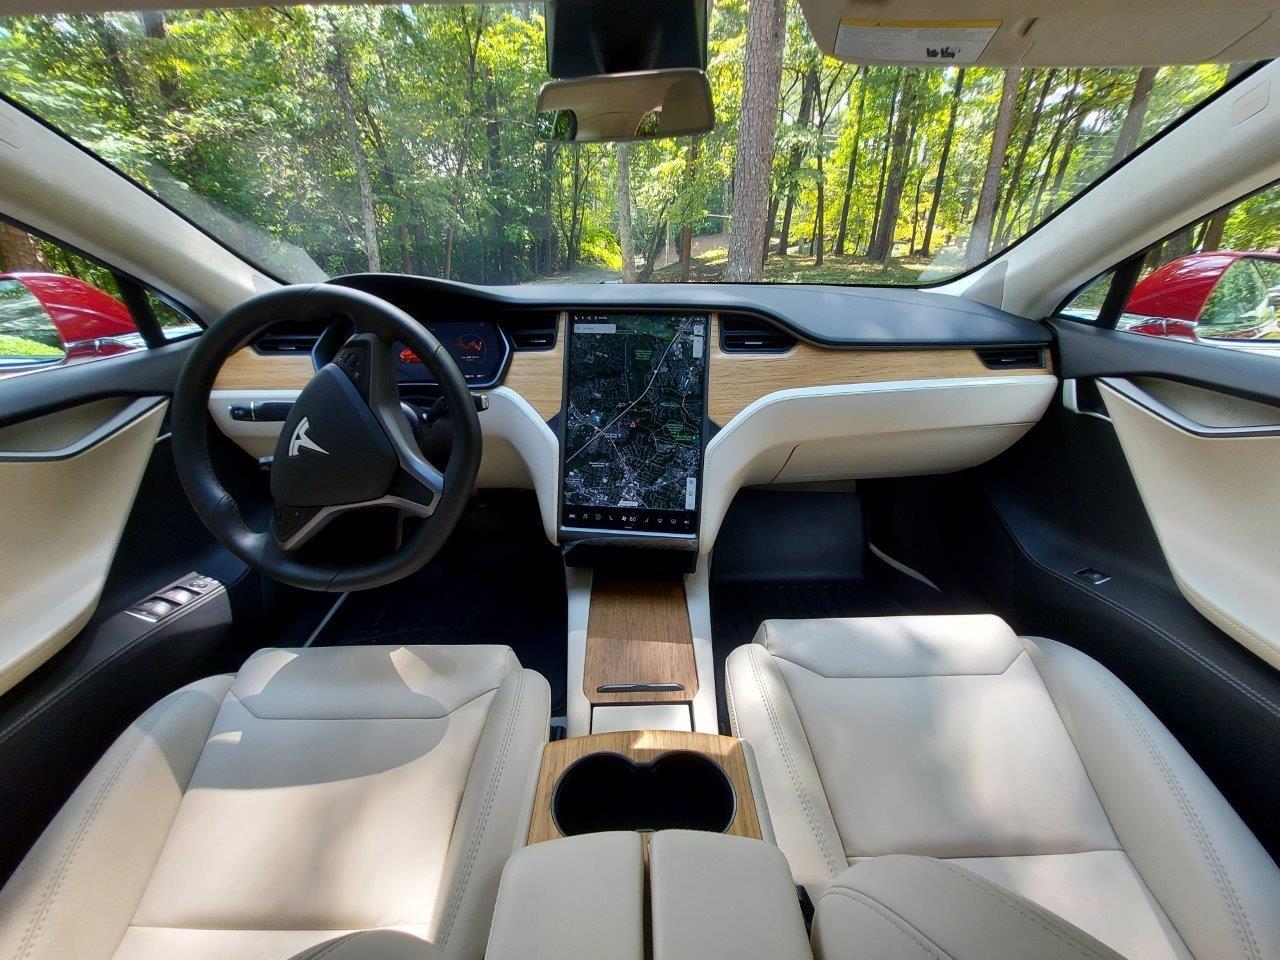 2019 Model S 100D full